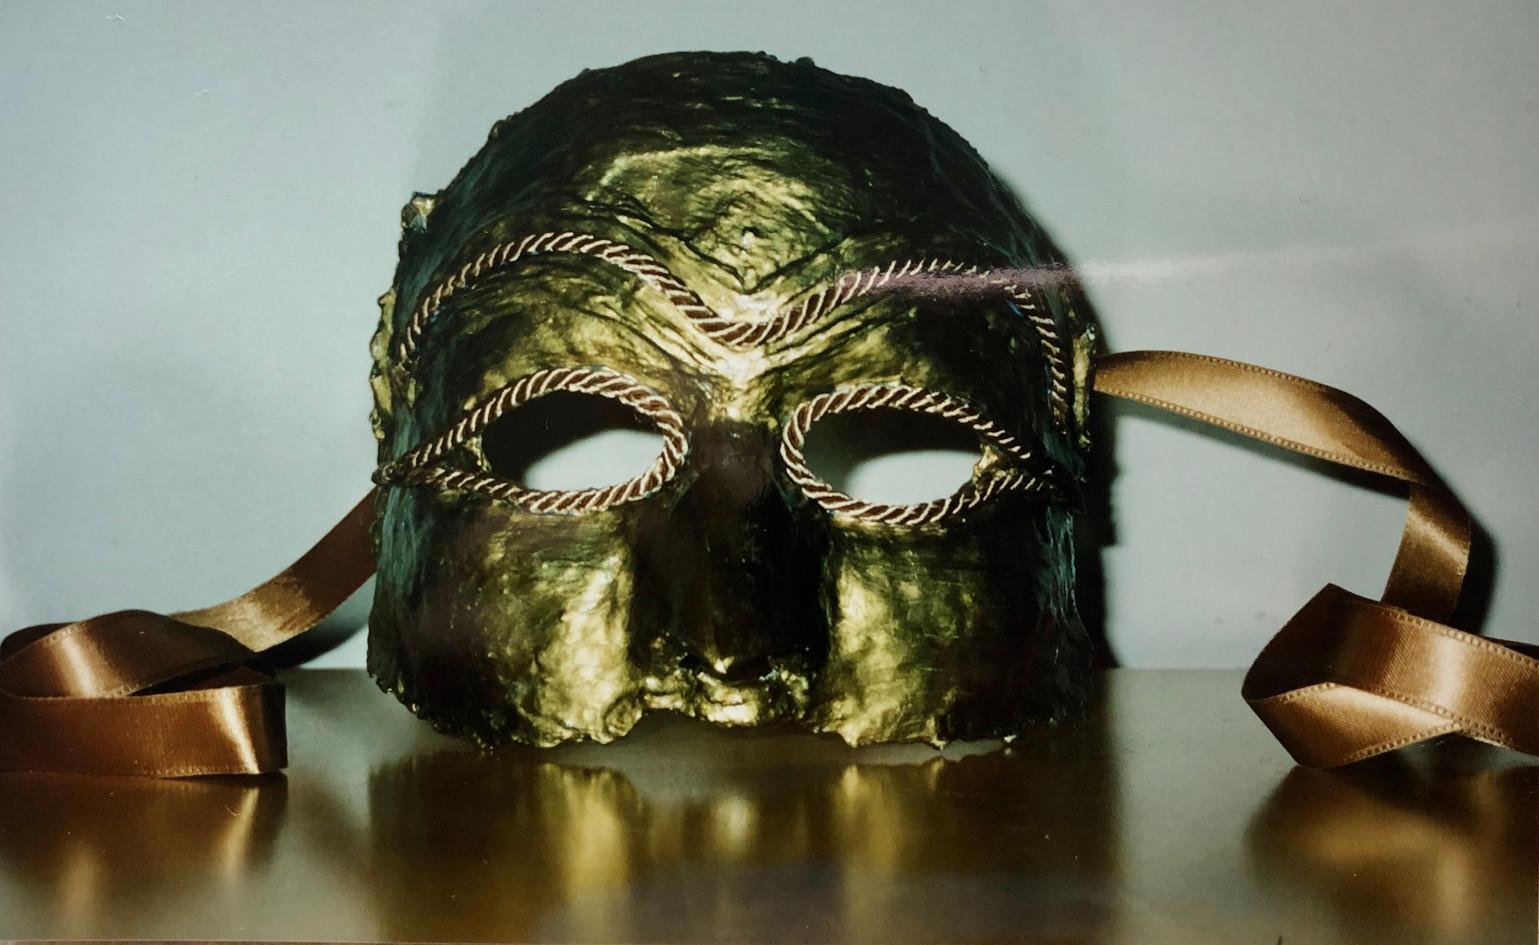 Golden raven mask, 1998